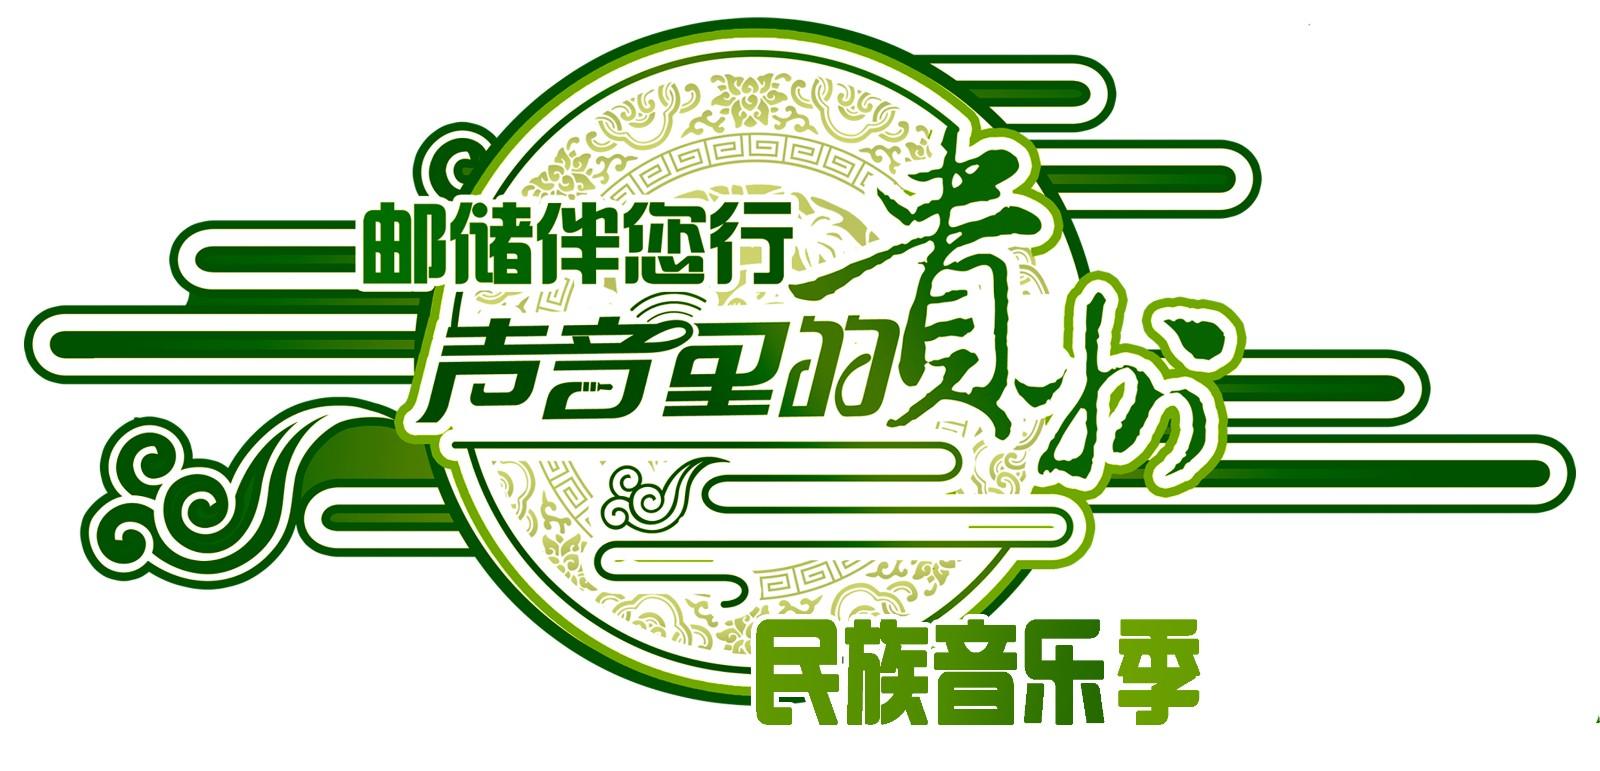 瑶族花纹矢量图